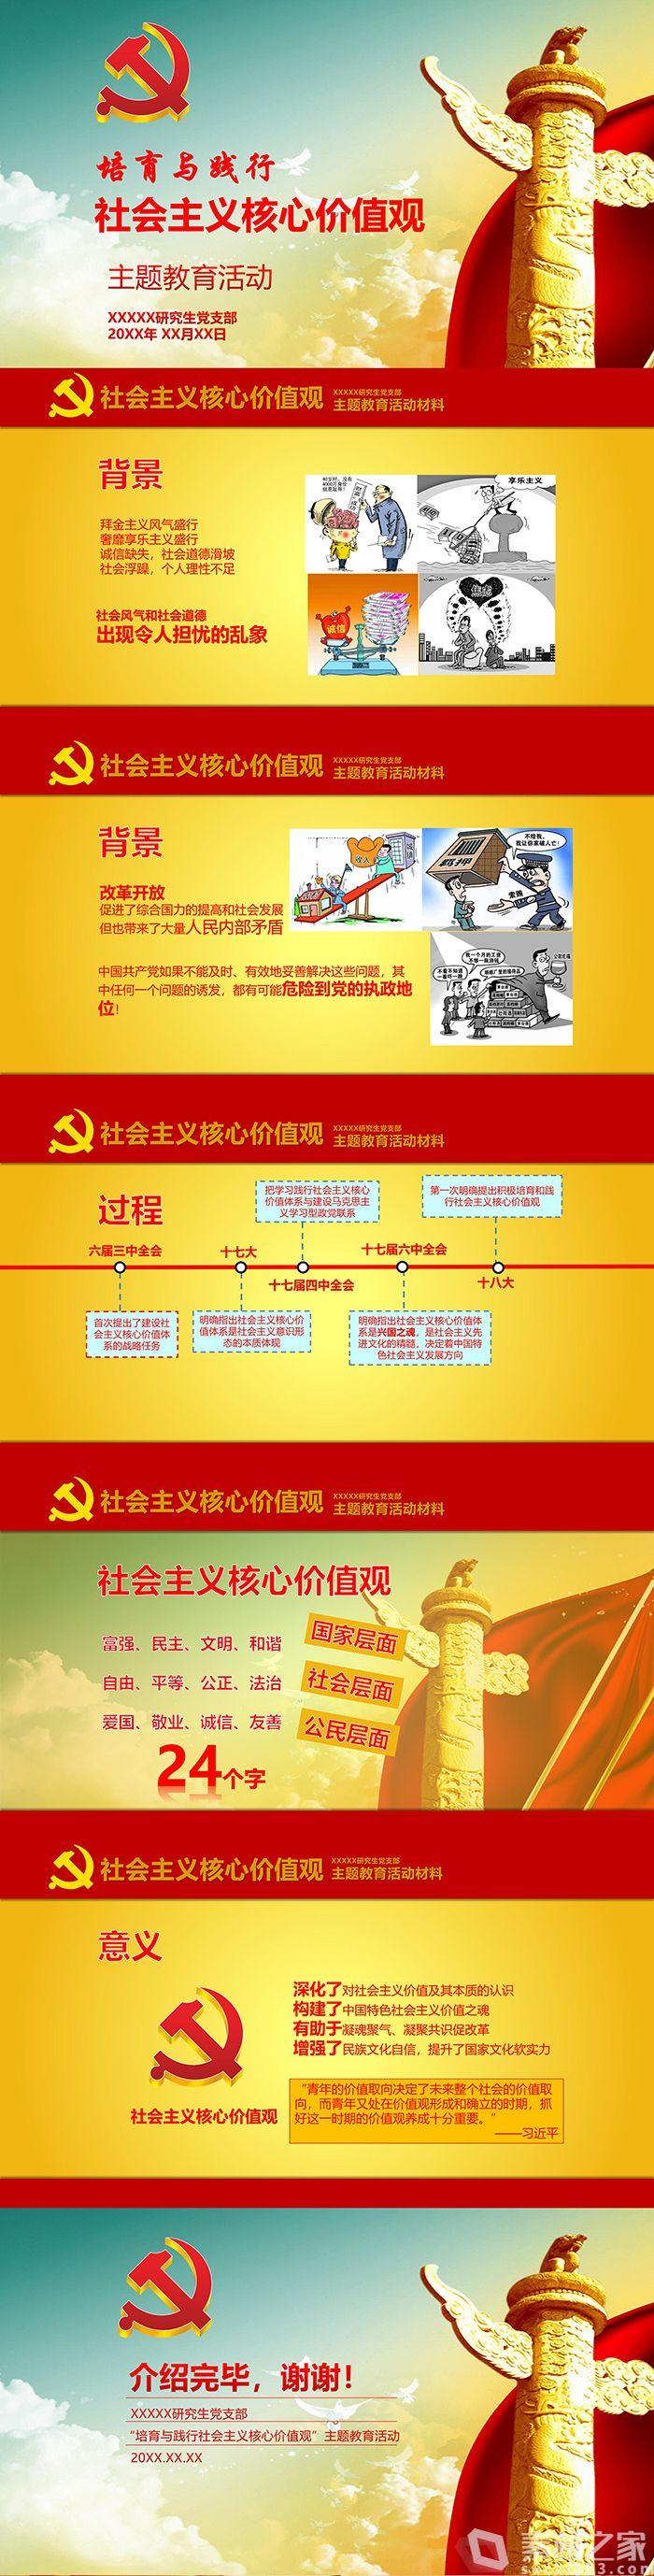 大学研究生党支部主题教育活动PPT模板